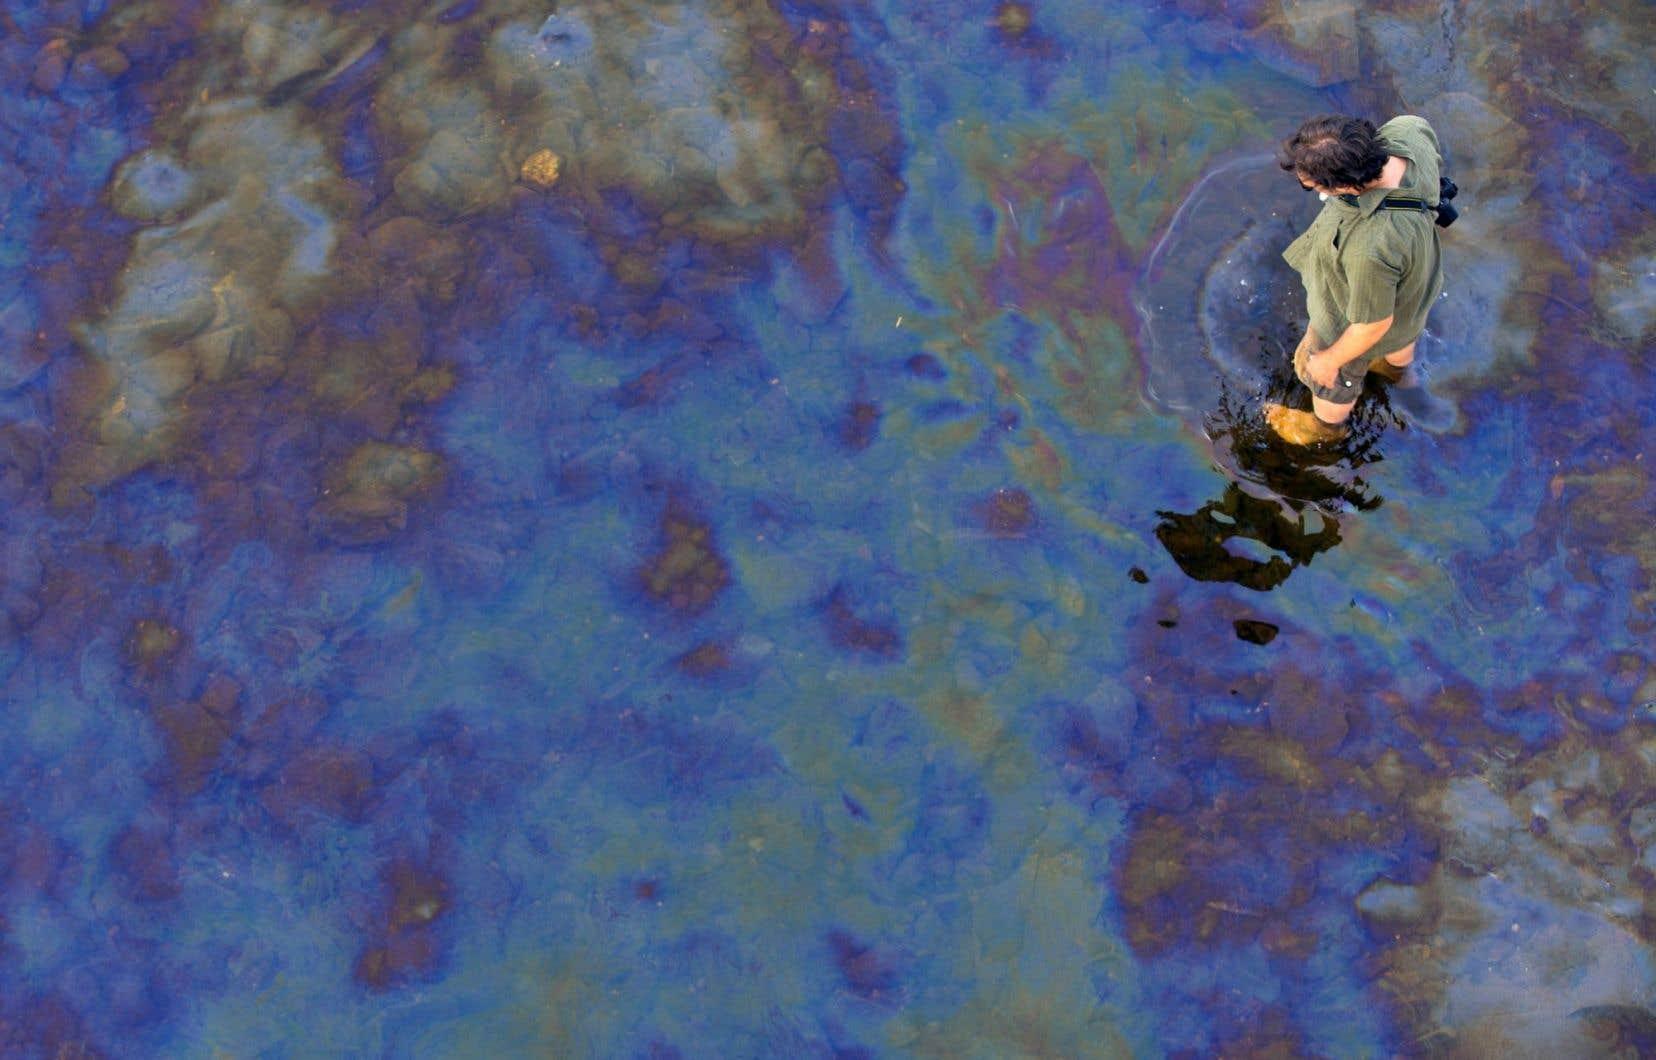 Le pétrole déversé dans la rivière Chaudière était bien visible à la surface de l'eau dans les jours qui ont suivi l'accident ferroviaire de juillet2013, à Lac-Mégantic.